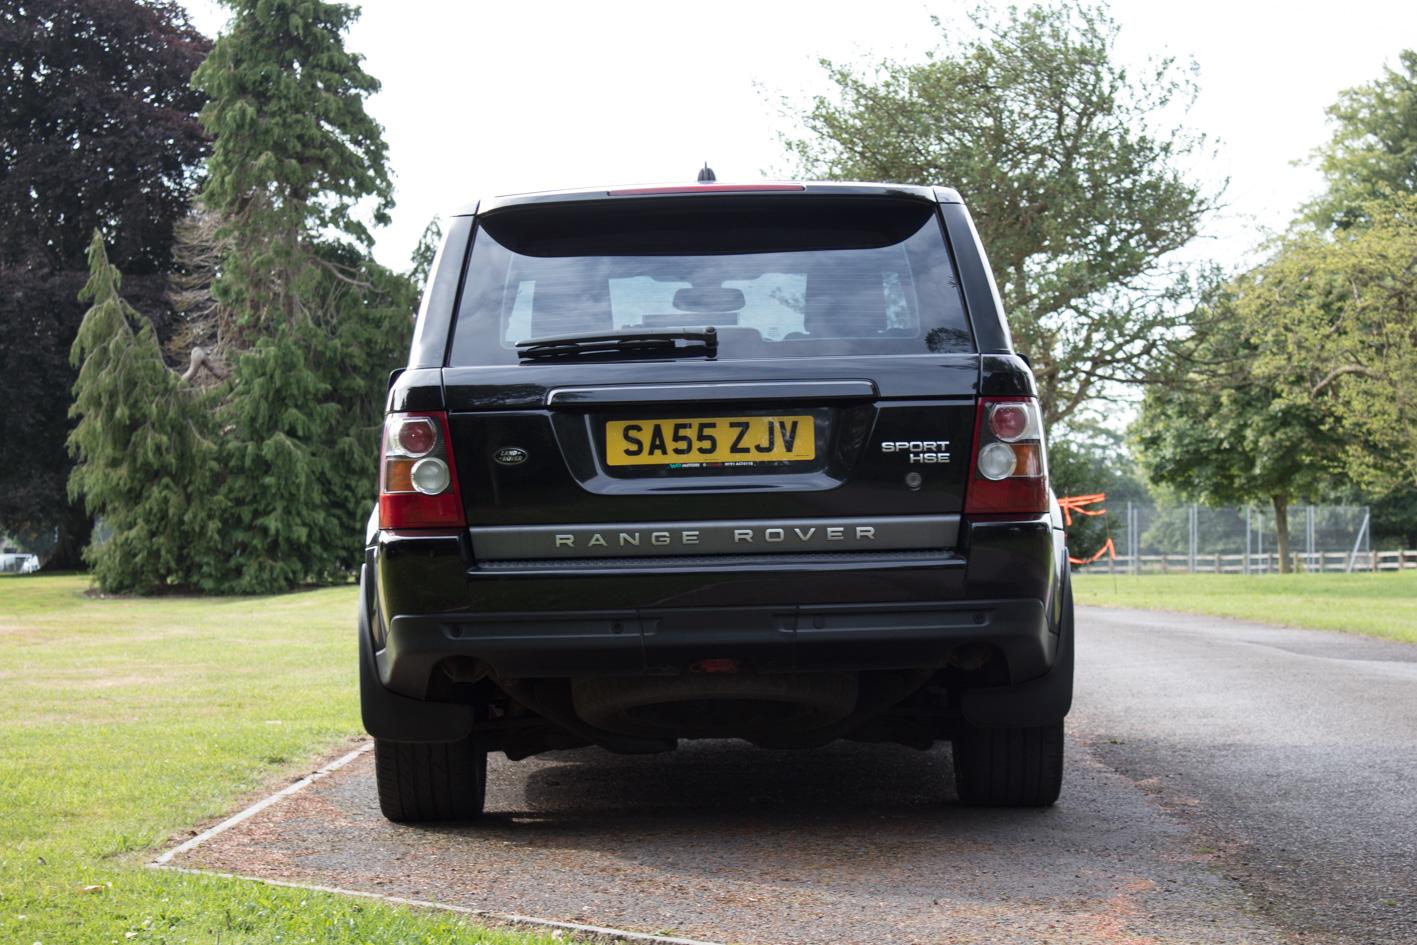 sold 2006 range rover sport hse cars of somerset. Black Bedroom Furniture Sets. Home Design Ideas